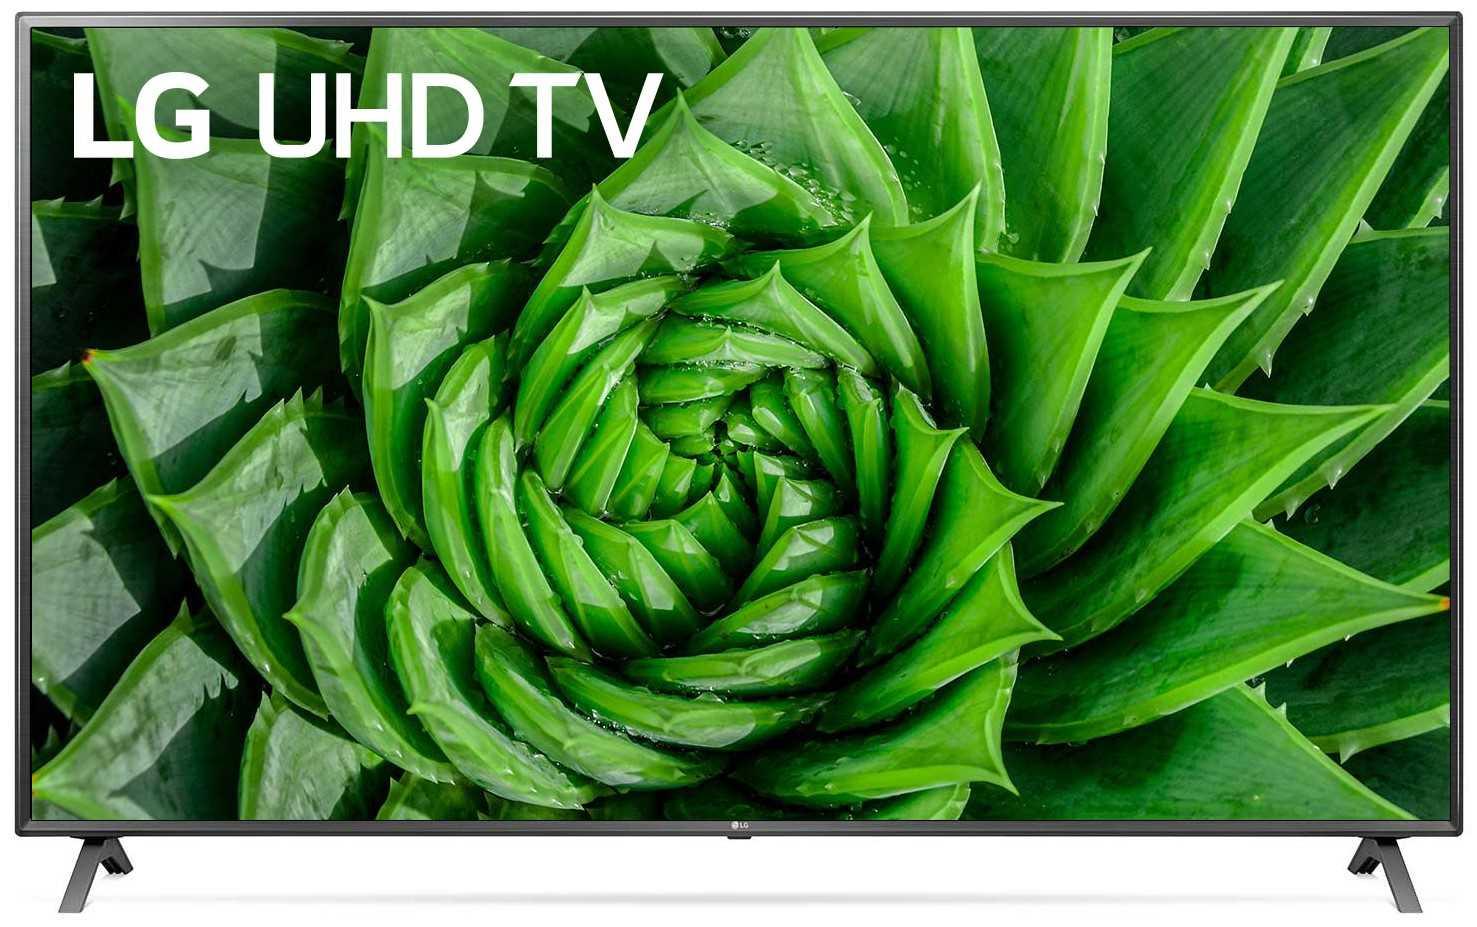 טלוויזיה חכמה 86 IPS Ultra HD 4K דגם: 86UN8080 אל-ג'י LG - תמונה 1